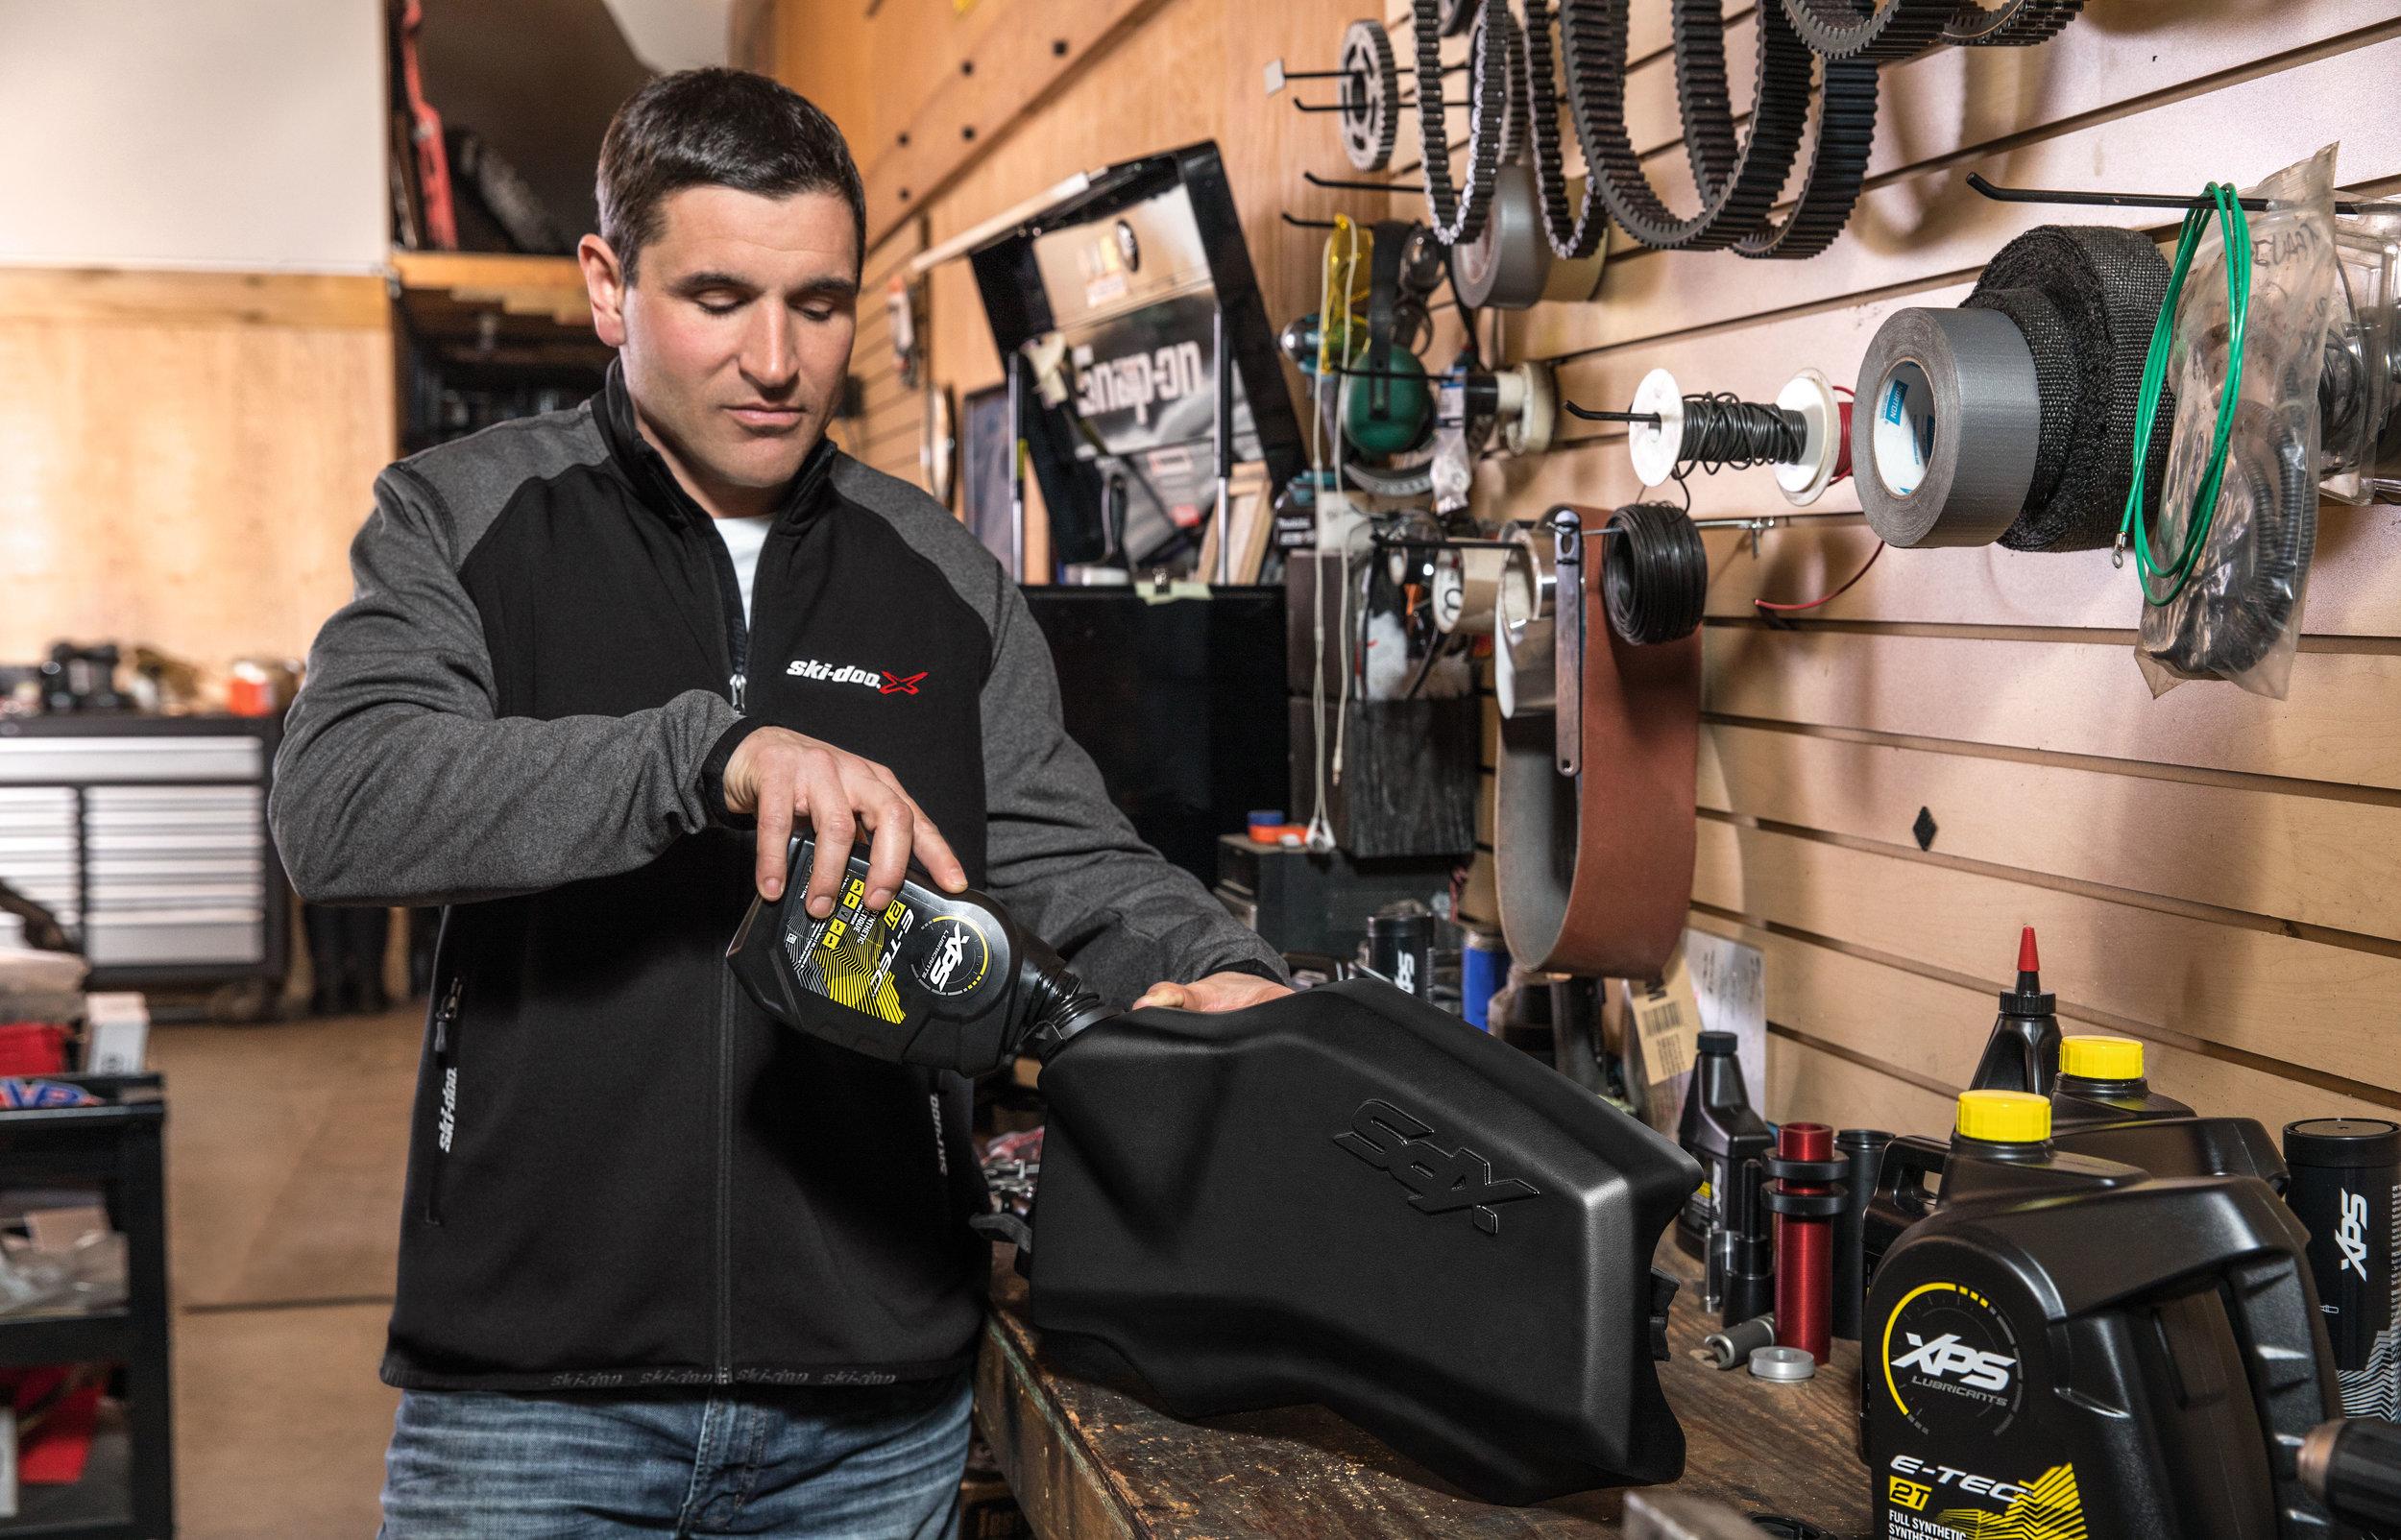 La performance de votre véhicule BRP dépend en partie de l'huile que vous utilisez. Comme elles sont les seules à avoir été conçues spécialement pour les moteurs Rotax®, les huiles XPS sont aussi les seules à offrir pleine et entière satisfaction. En utilisant des huiles XPS, vous assurez à votre moteur une performance, une fiabilité et une durée de vie optimales.